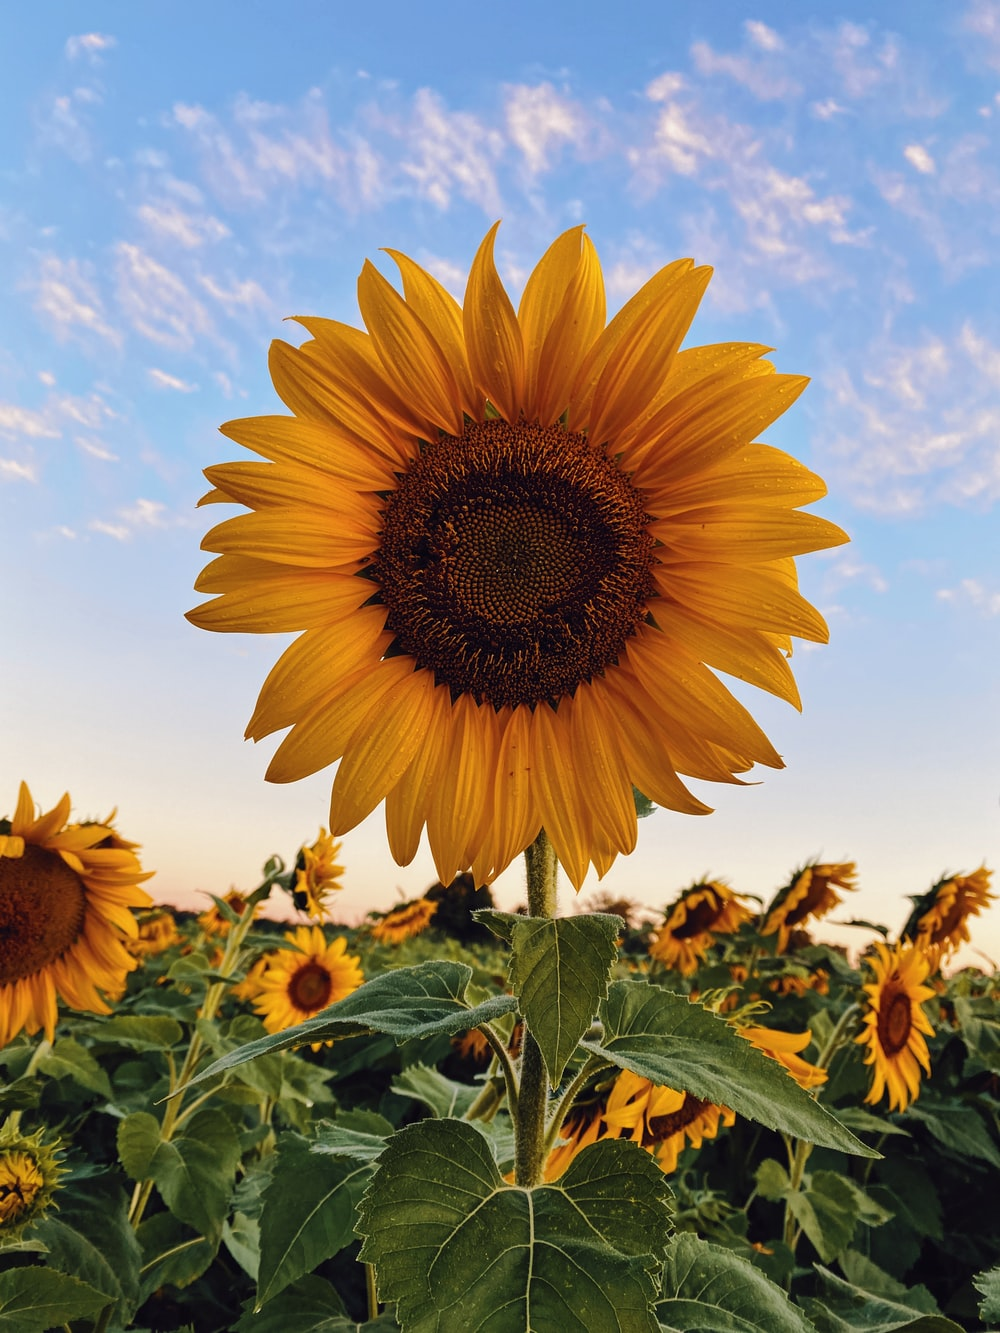 Wallpaper For Laptop Sunflower